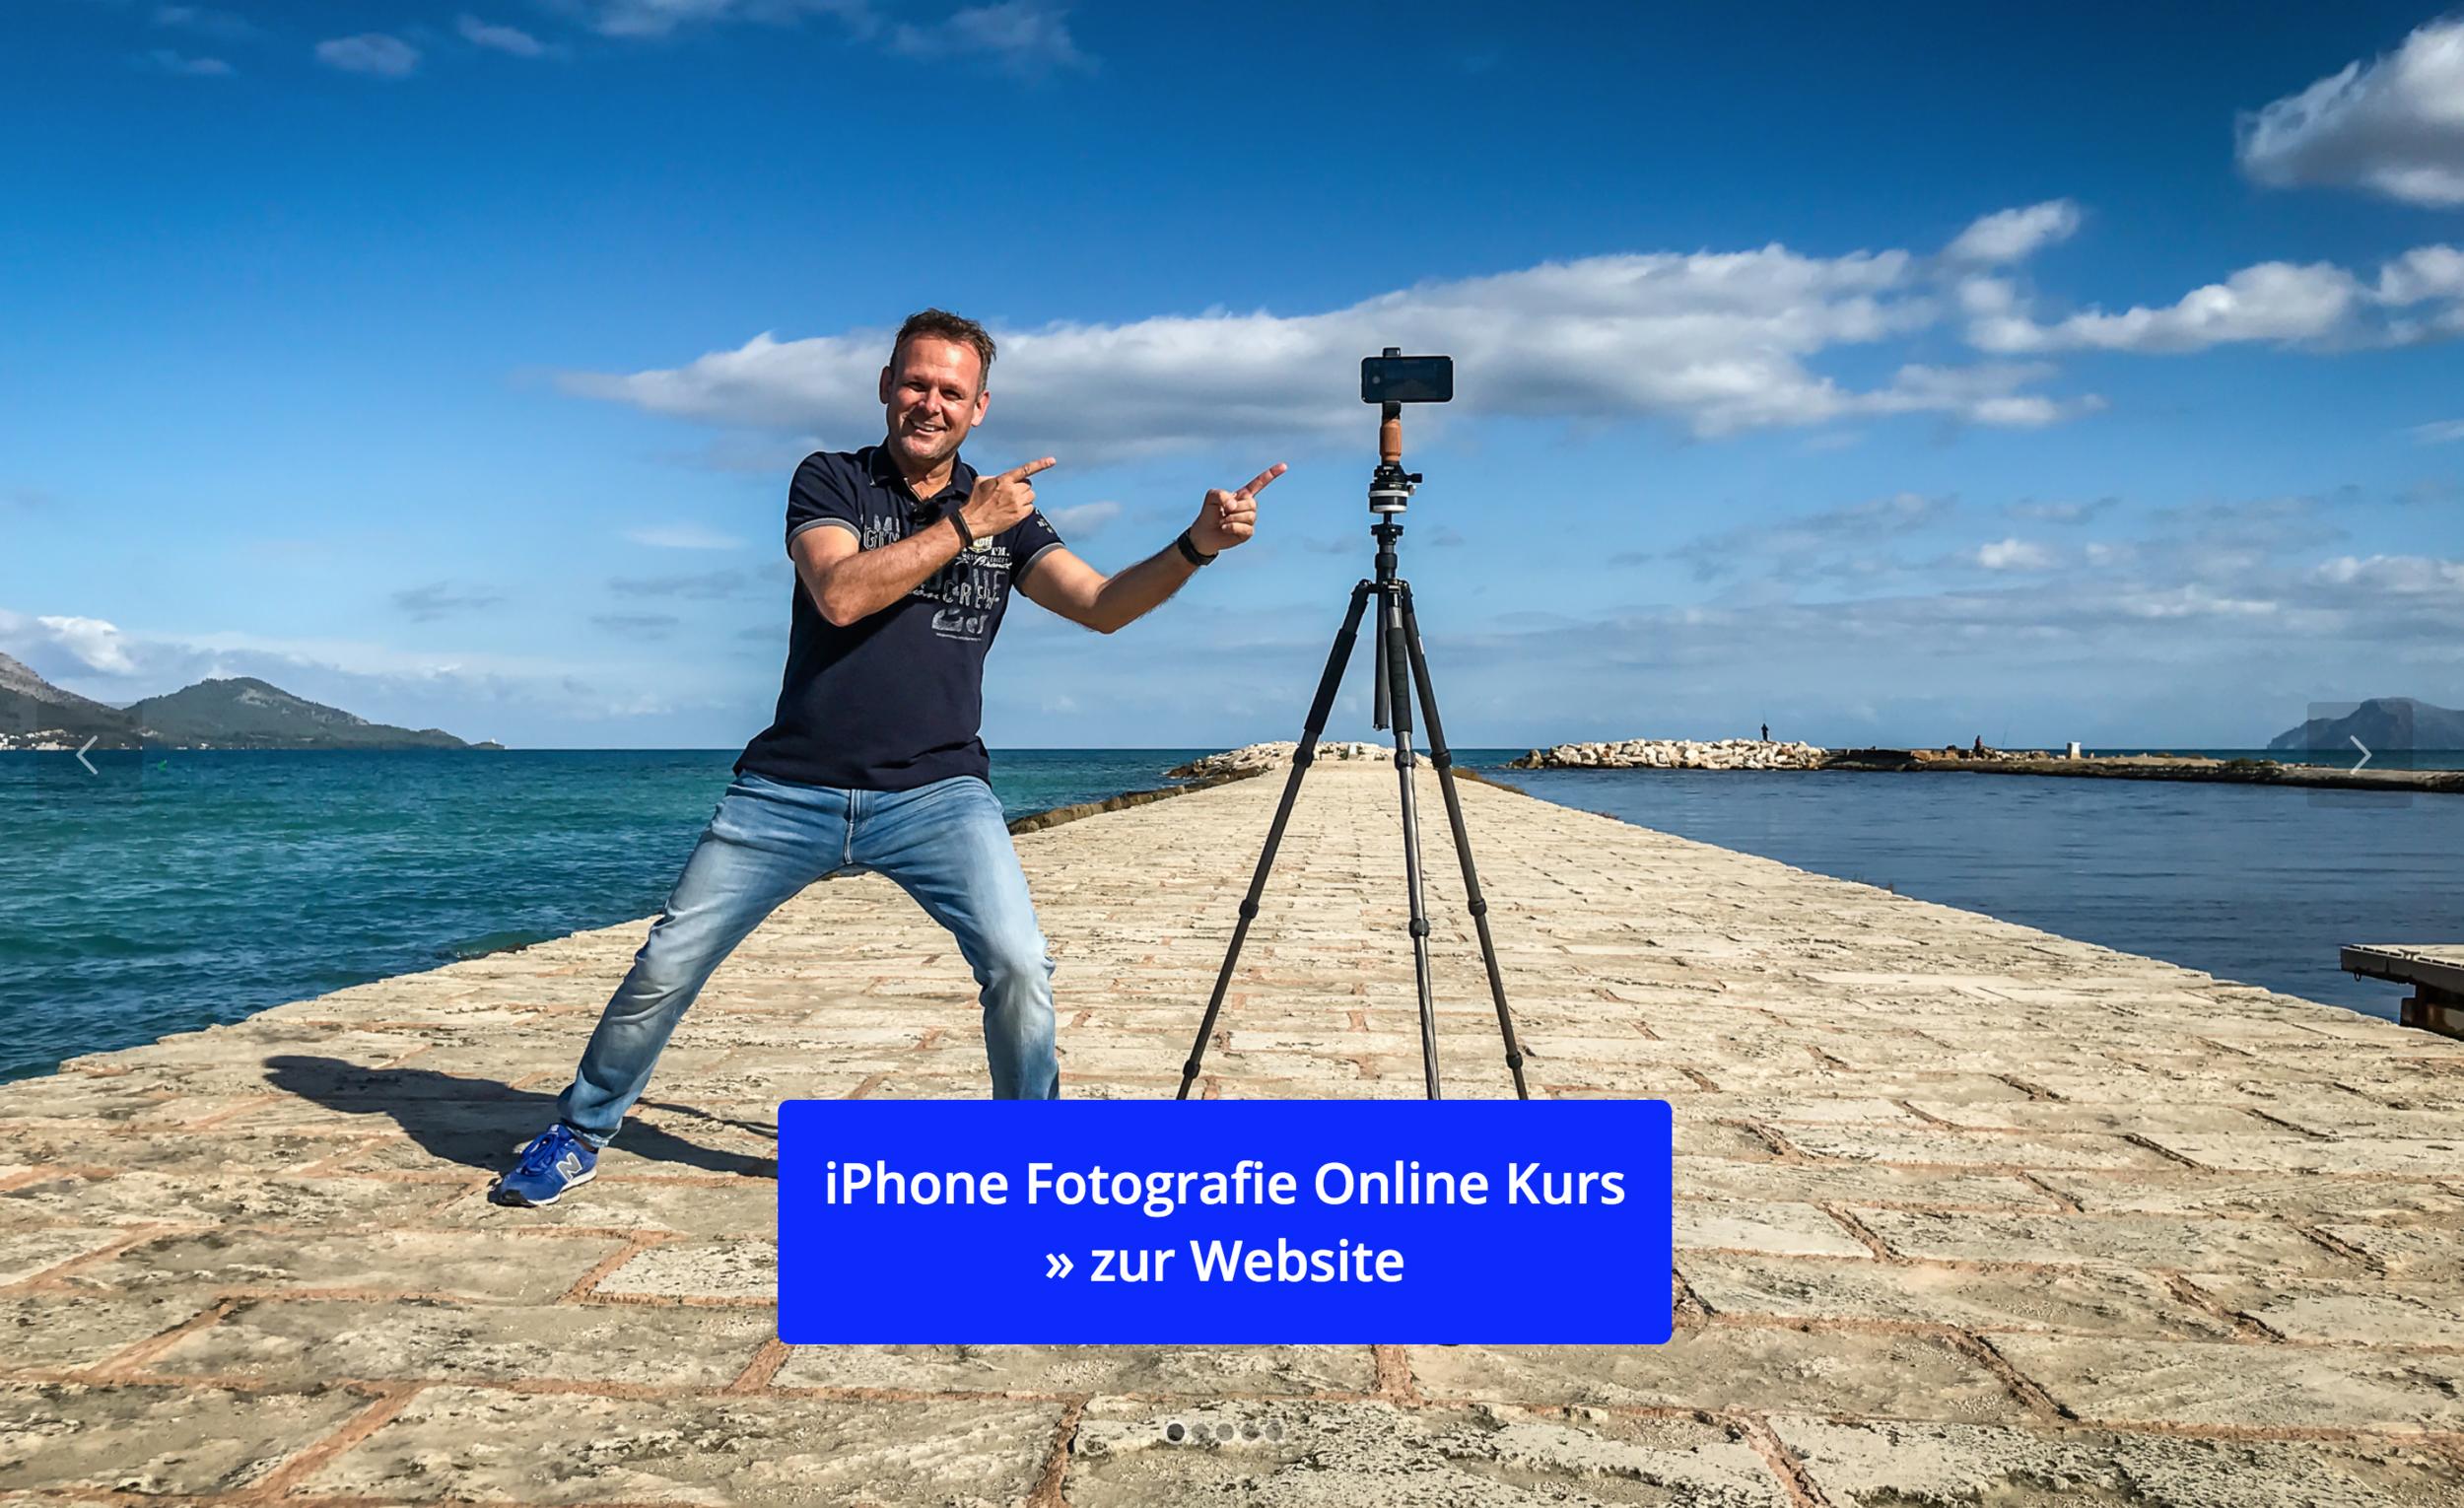 iPhone Fotografie Online Kurs   von Werner Harrer